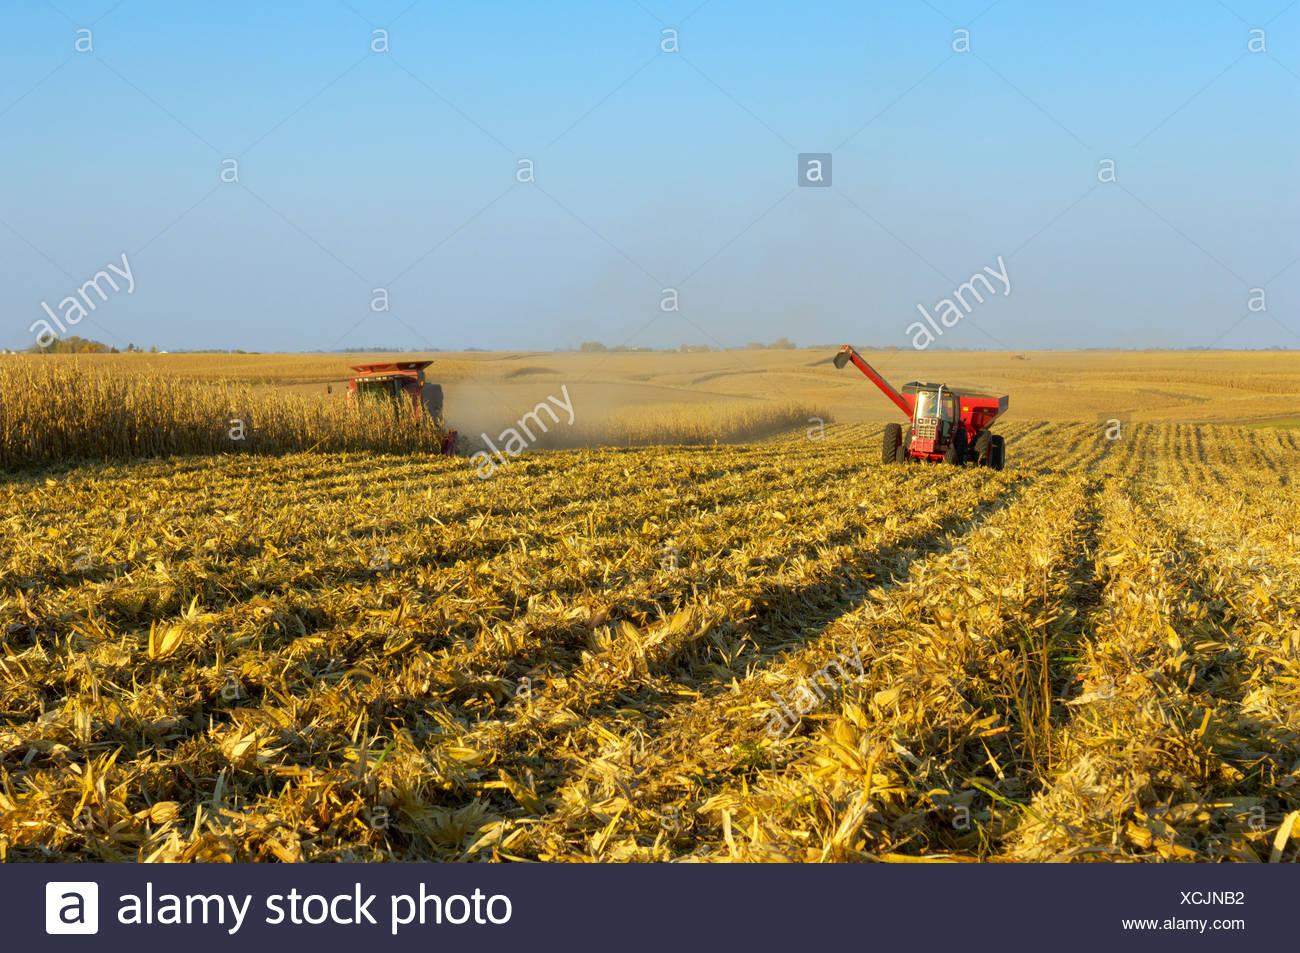 Une moissonneuse-batteuse récoltes une récolte de maïs-grain dans un grand champ de céréales, avec un grain panier longeant à proximité / Iowa, États-Unis. Photo Stock